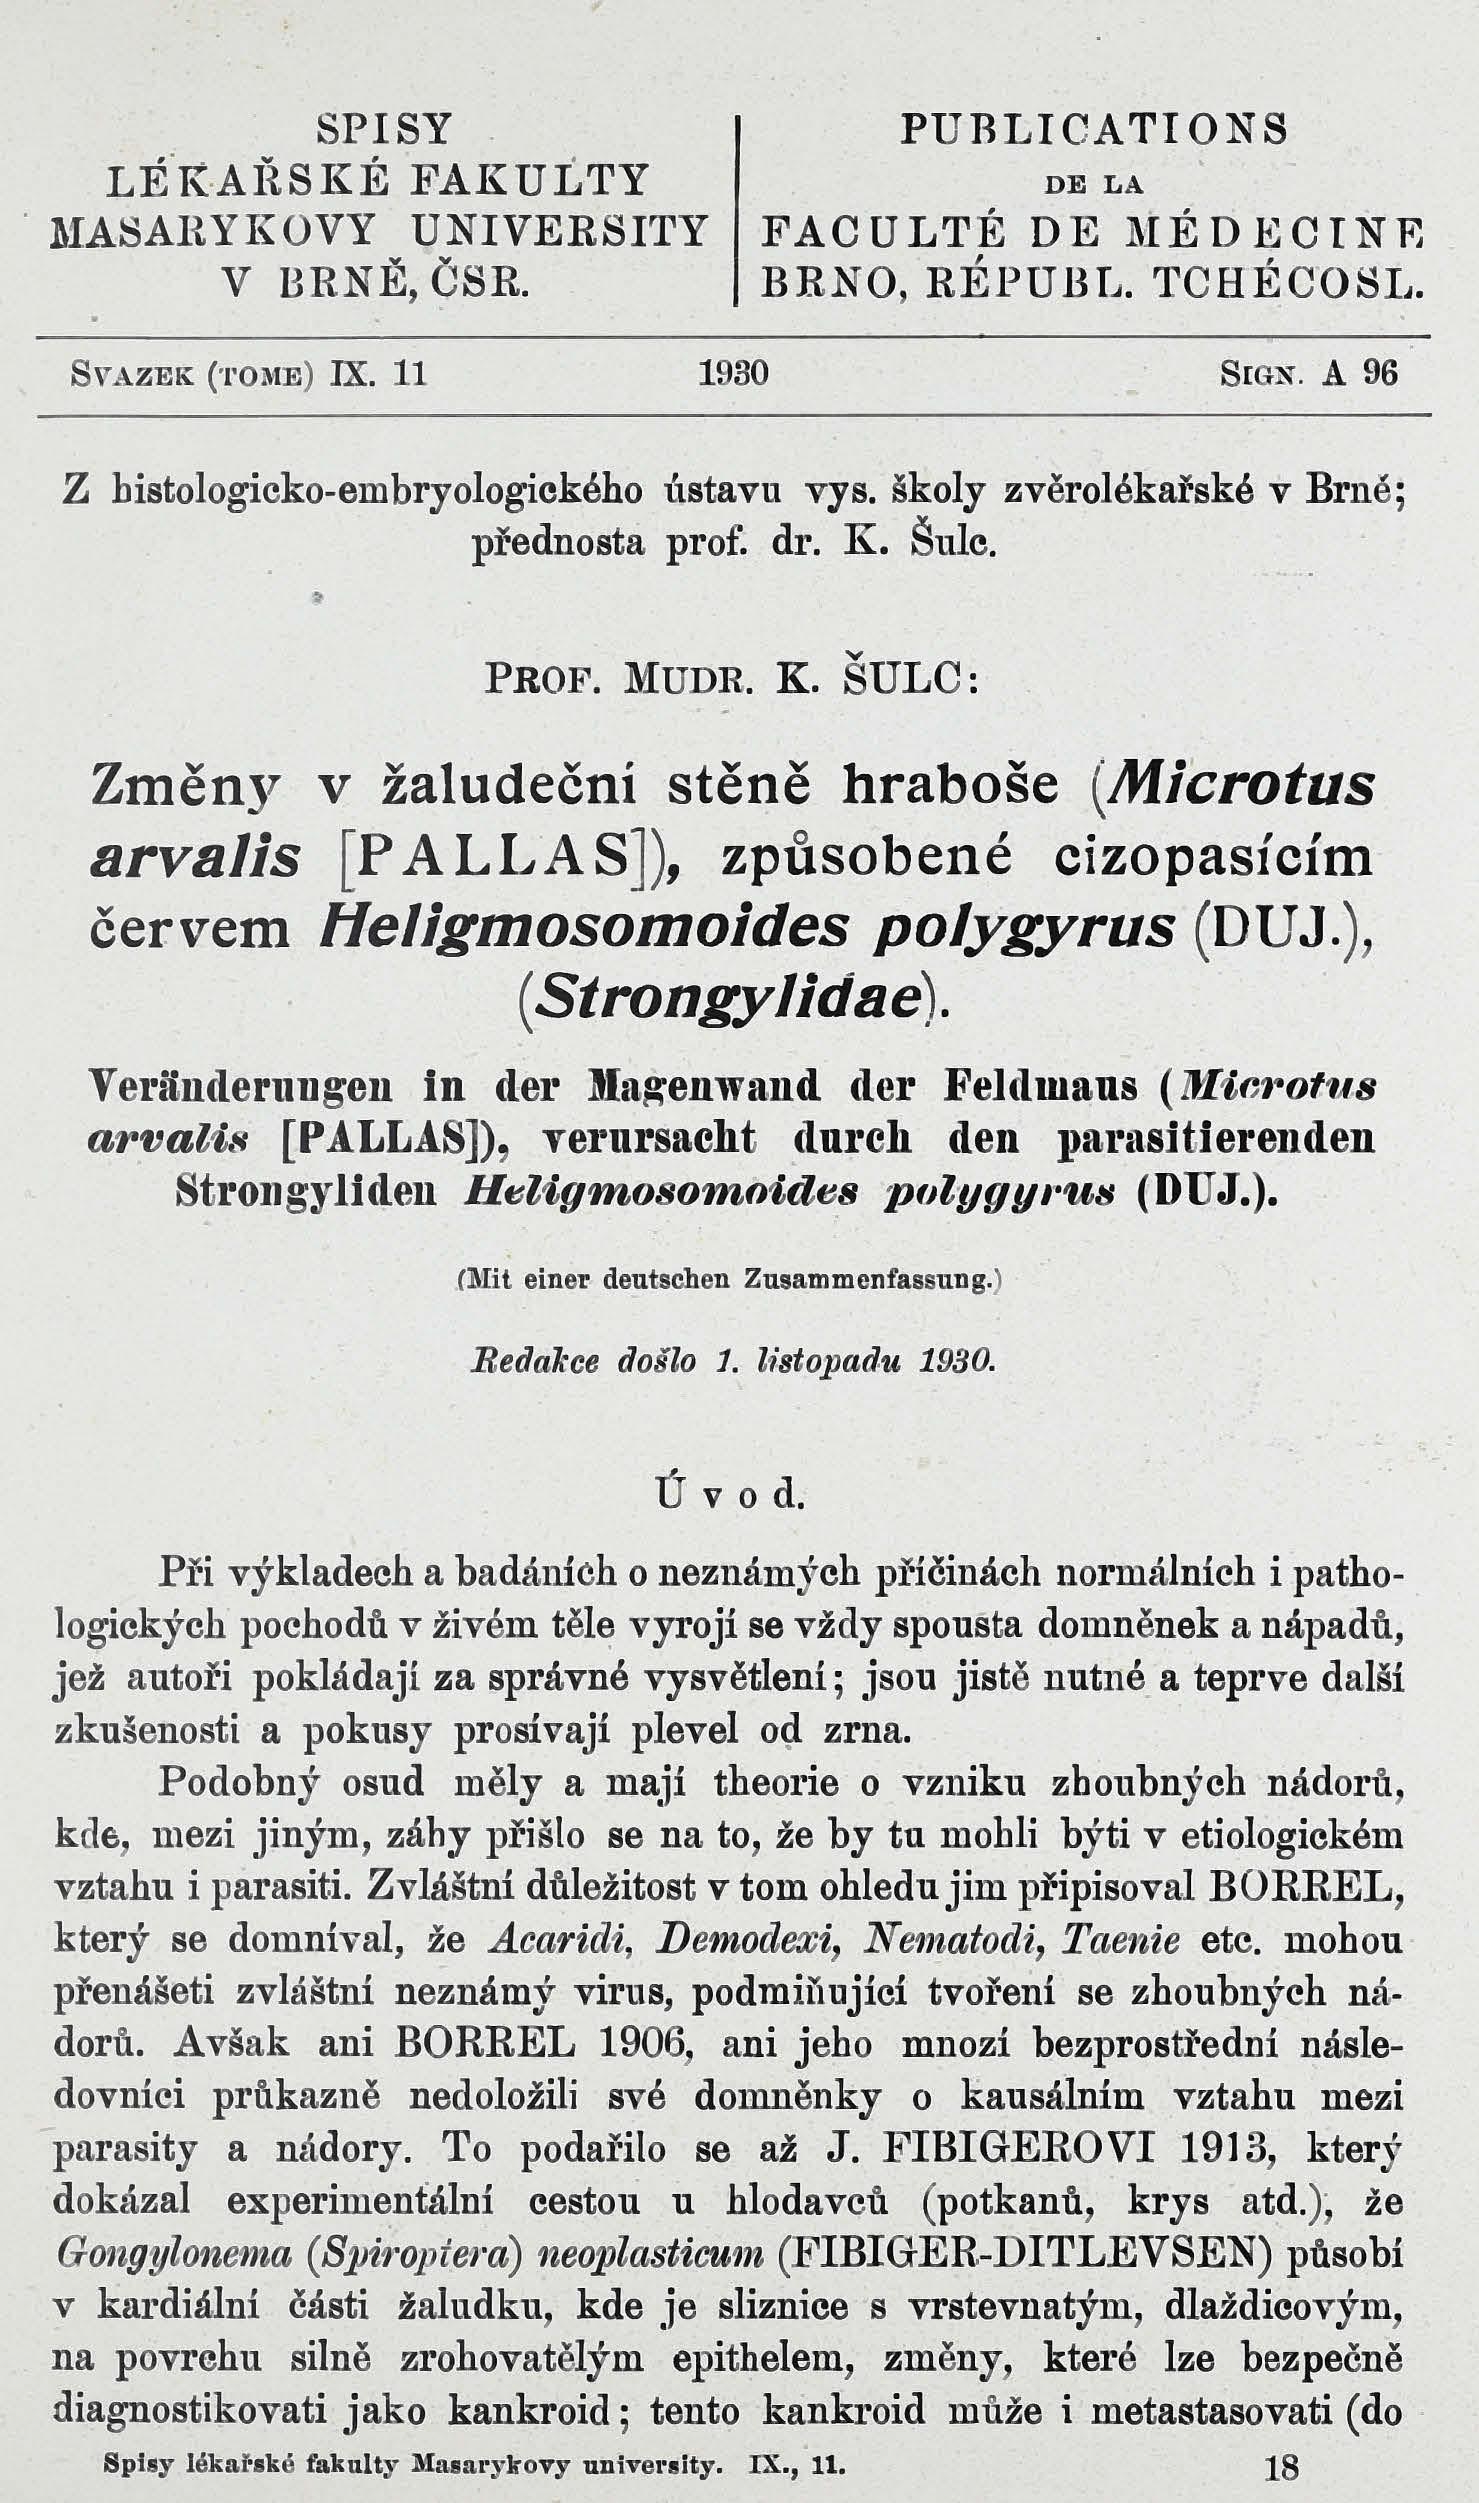 Obálka pro Změny v žaludeční stěně hraboše (Microtus arvalis [Pallas]), způsobené cizopasícím červem Heligmosomoides polygyrus (DUJ.), (Strongylidae) / Veränderung in der Magenwand der Feldmaus (Microtus arvalis [Pallas]), verursacht durch den parasitierenden Strongyliden Heligmosomoides polygyrus (DUJ.)